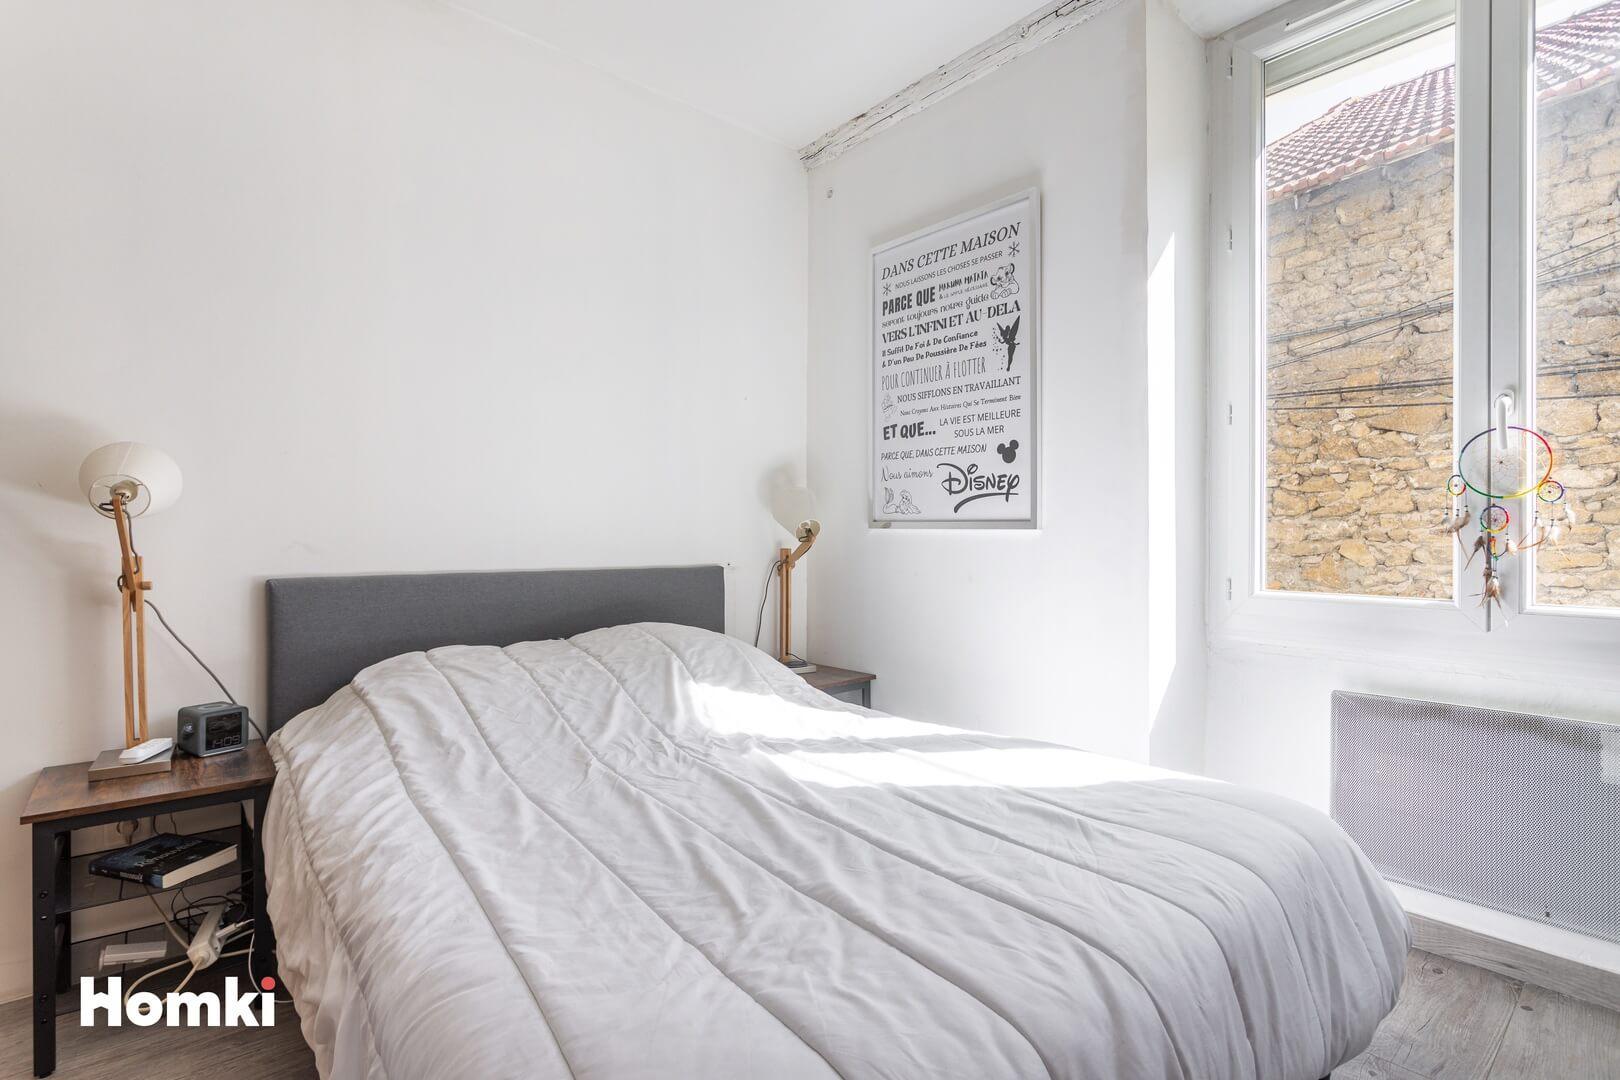 Homki - Vente Maison/villa  de 90.0 m² à Sorgues 84700